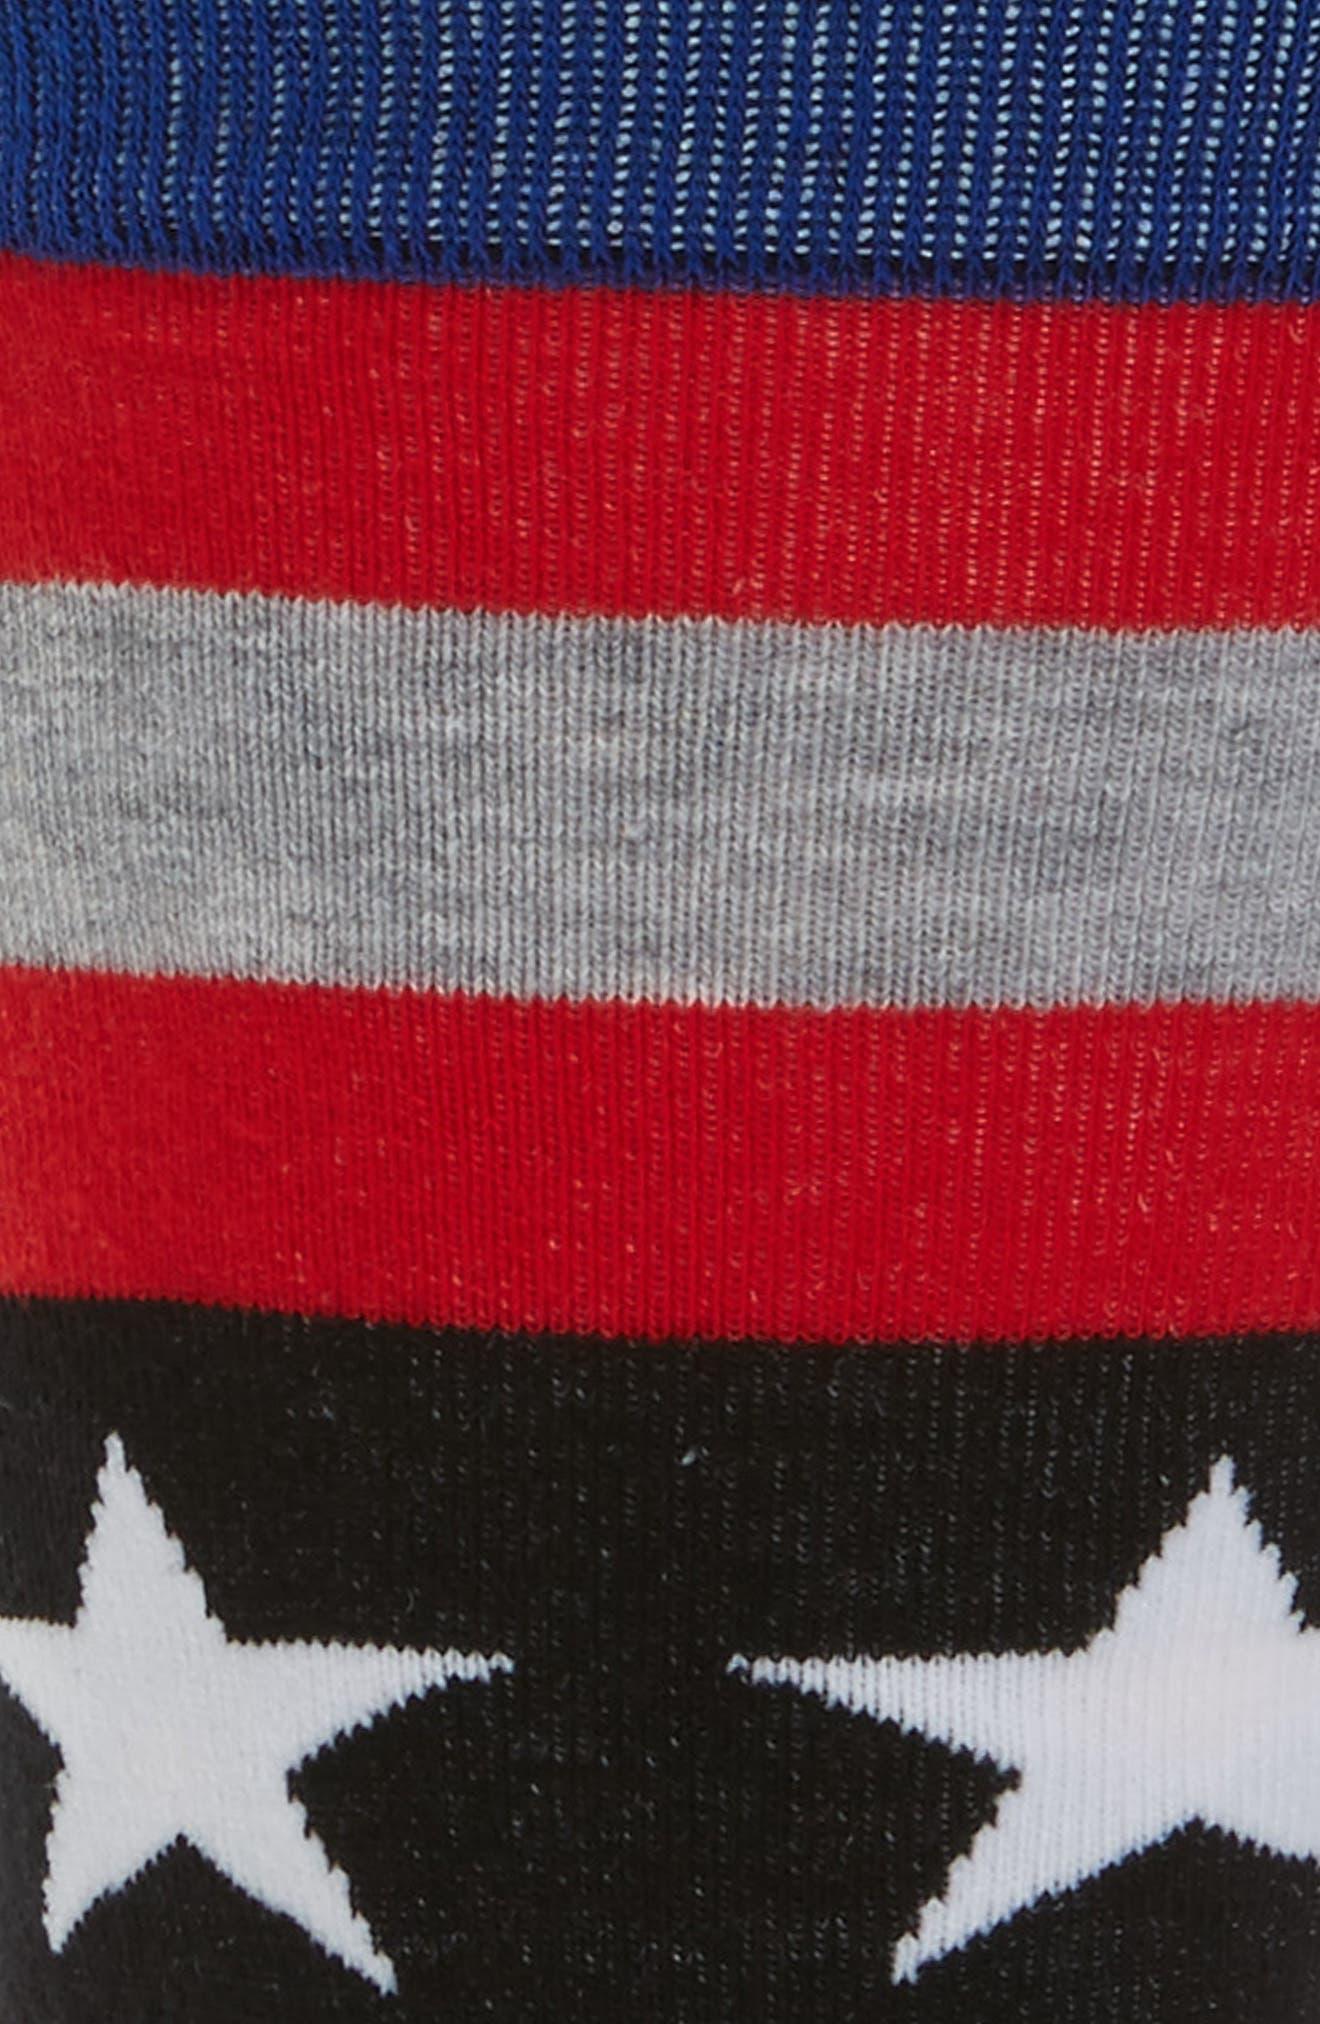 Harden Salute Socks,                             Alternate thumbnail 2, color,                             001